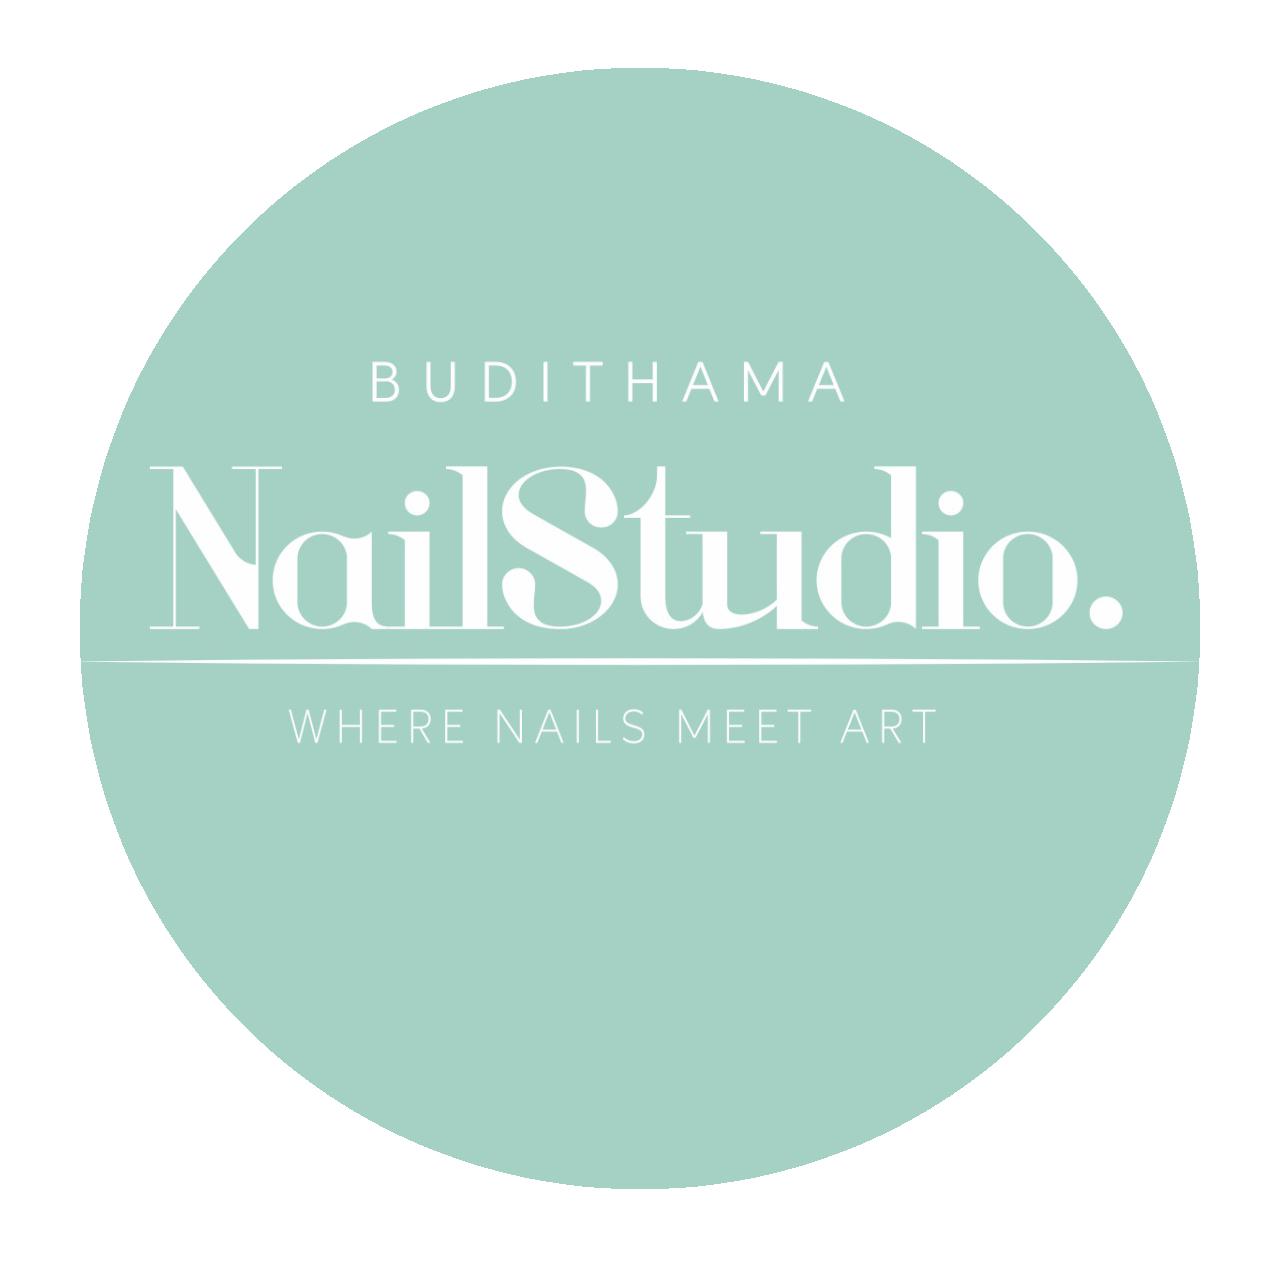 Budithama Nail Studio